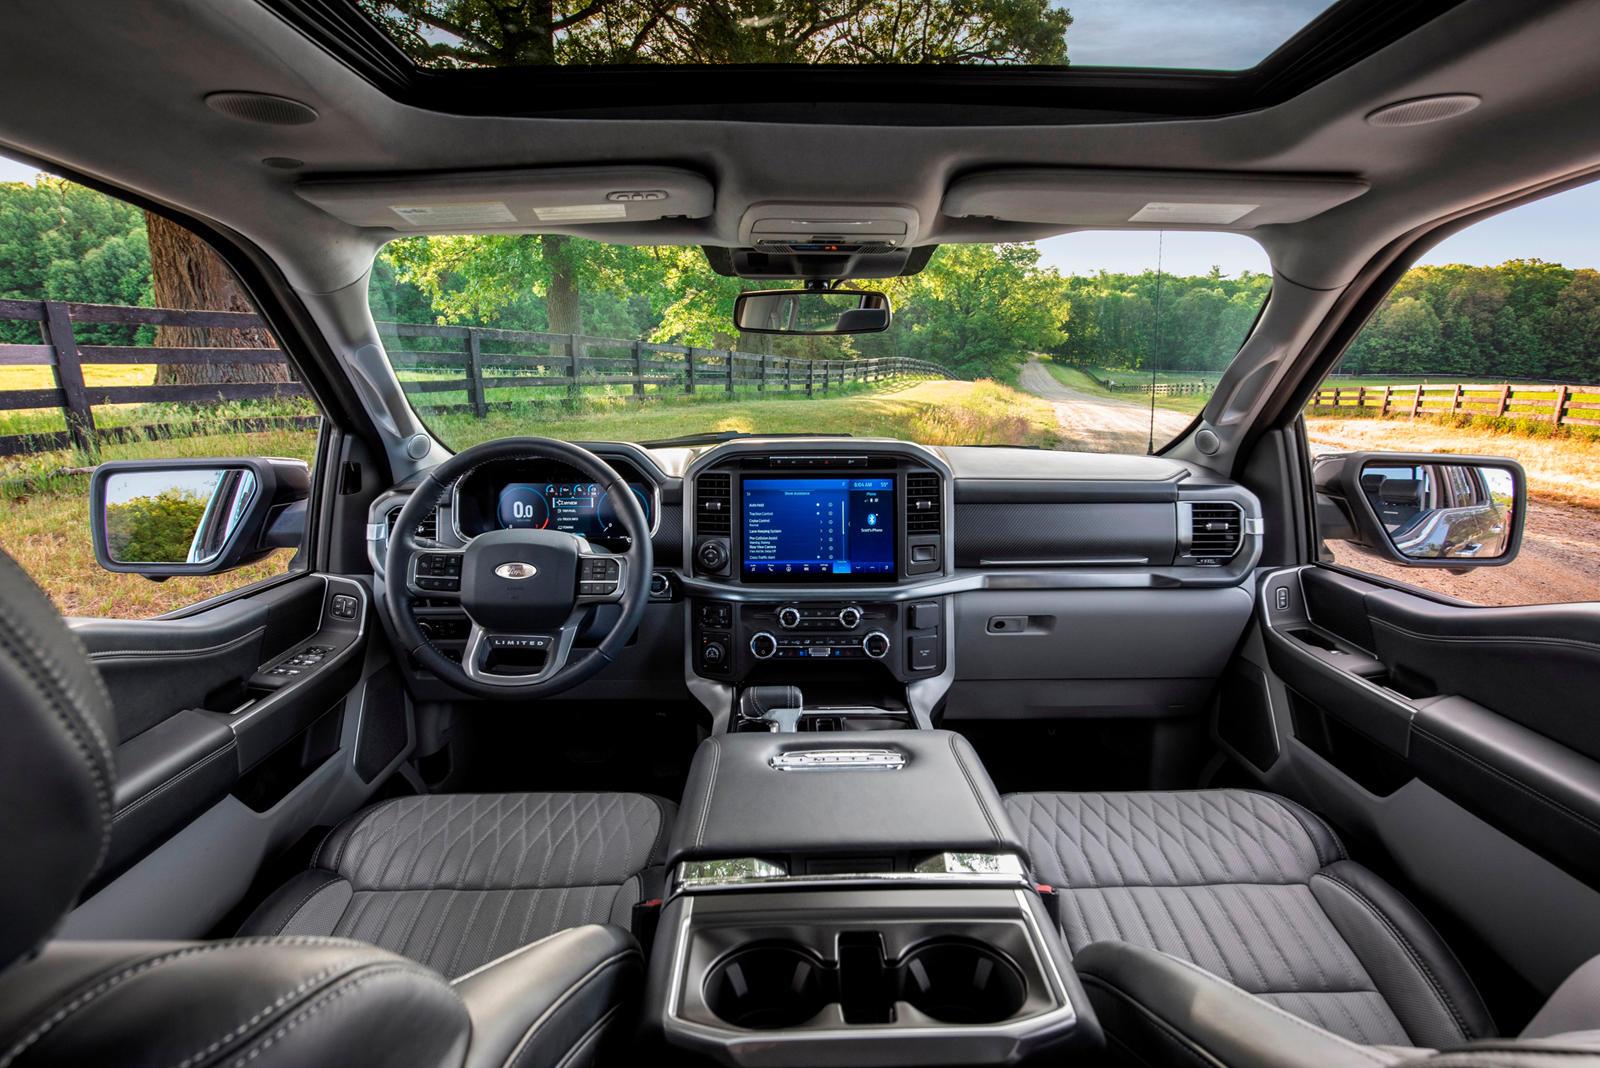 Активная система помощи при вождении аналогична по объему и функциям системе Super Cruise от Cadillac, работающей без рук, только на определенных заранее обозначенных участках дороги - на данный момент на 100 000 миль в Северной Америке. Но там, где